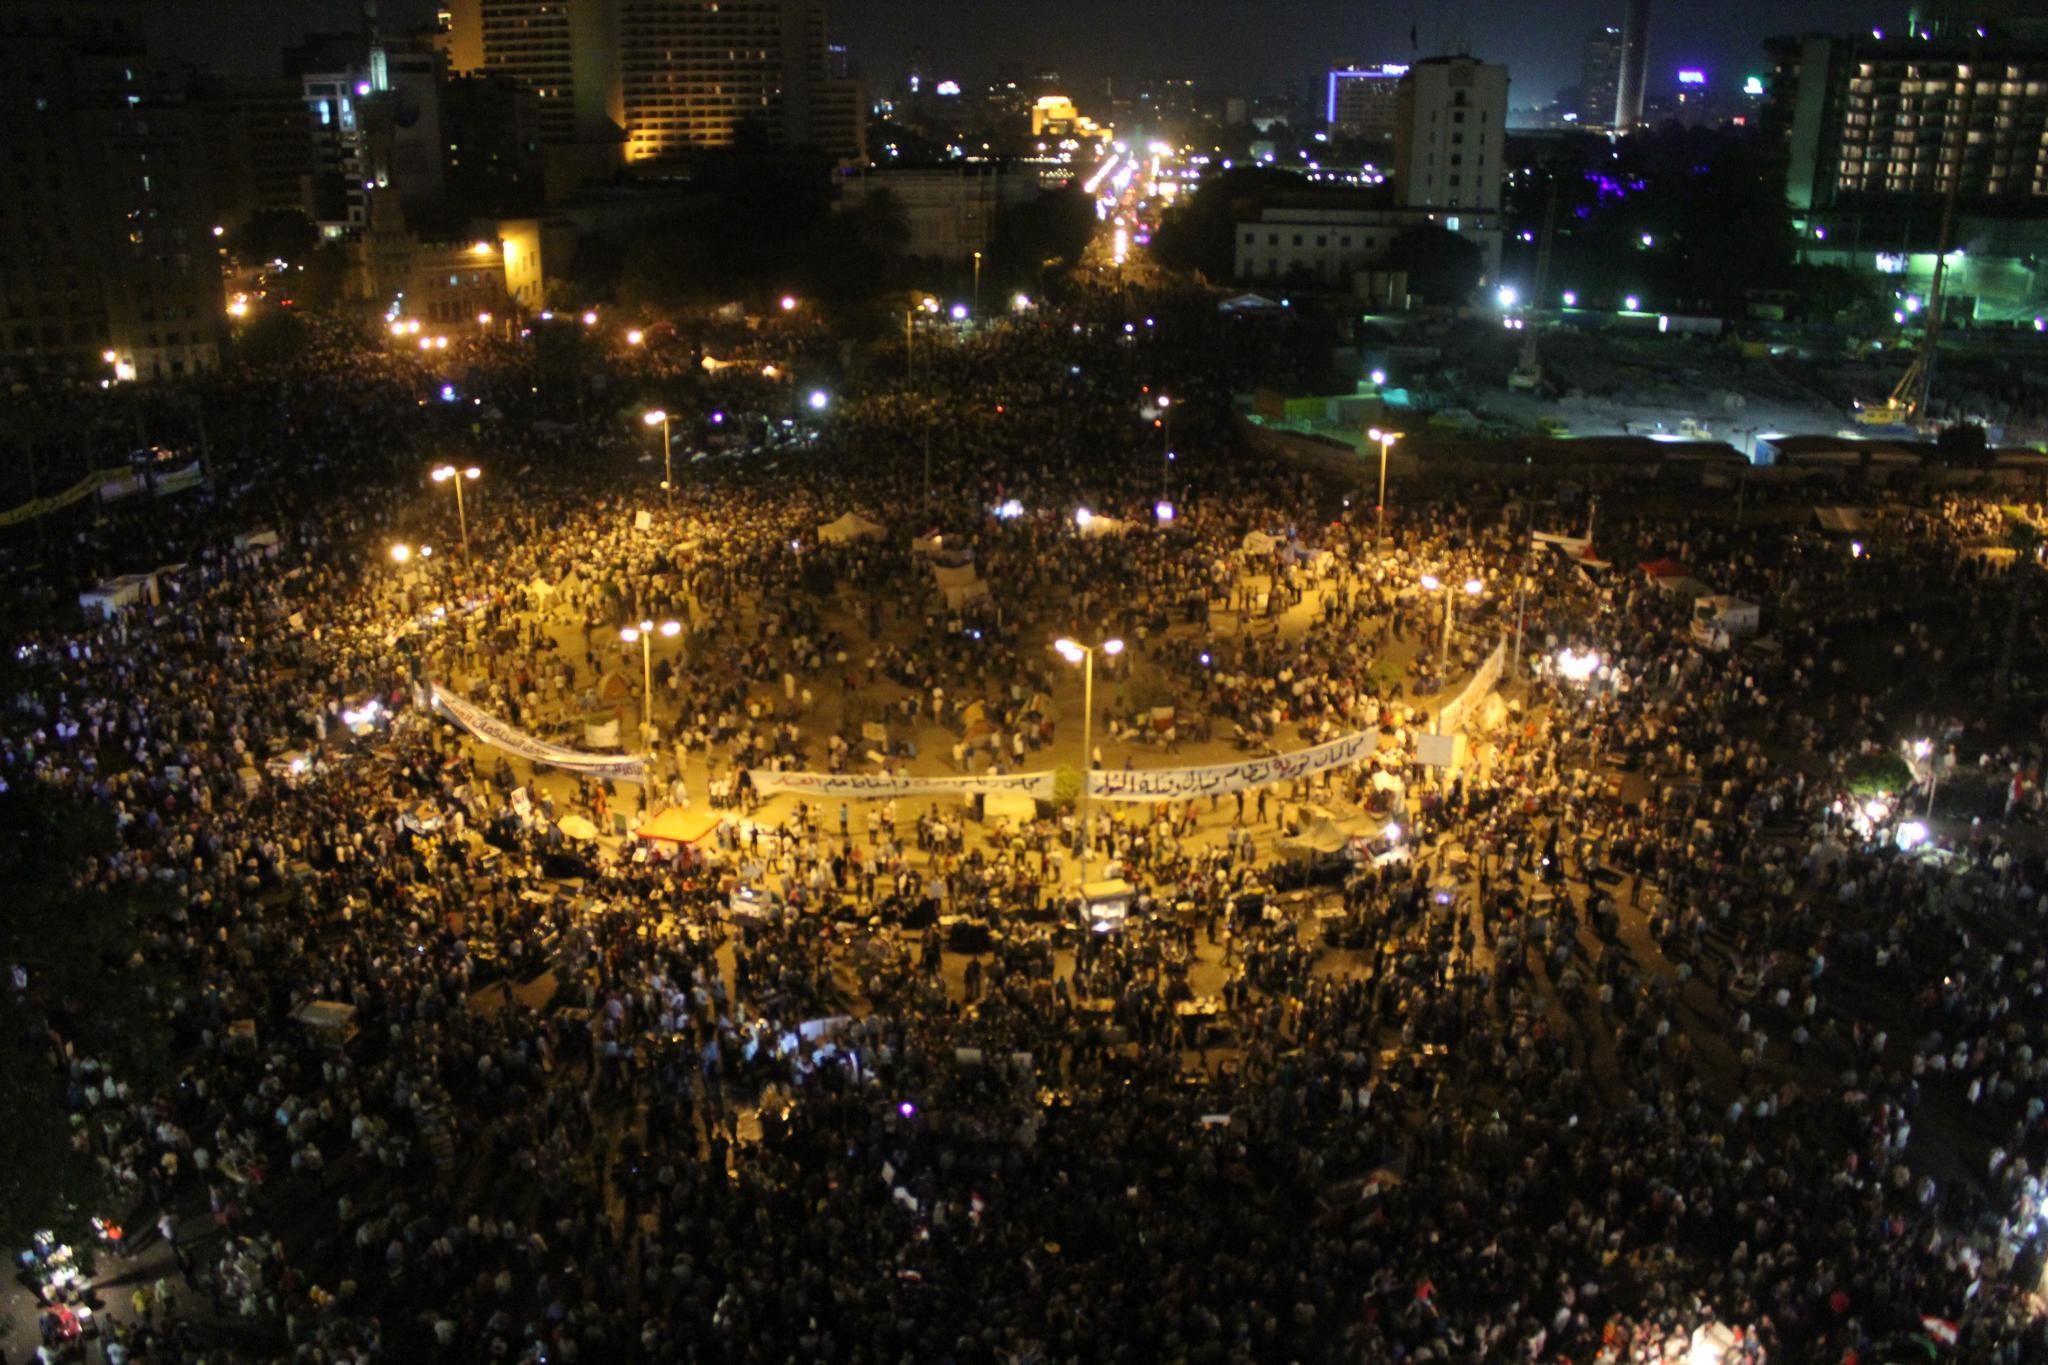 שינוי אמיתי או תיקונים קוסמטיים? מפגינים בכיכר תחריר בקהיר, 2012 (צילום: Gigi Ibrahim, flickr)